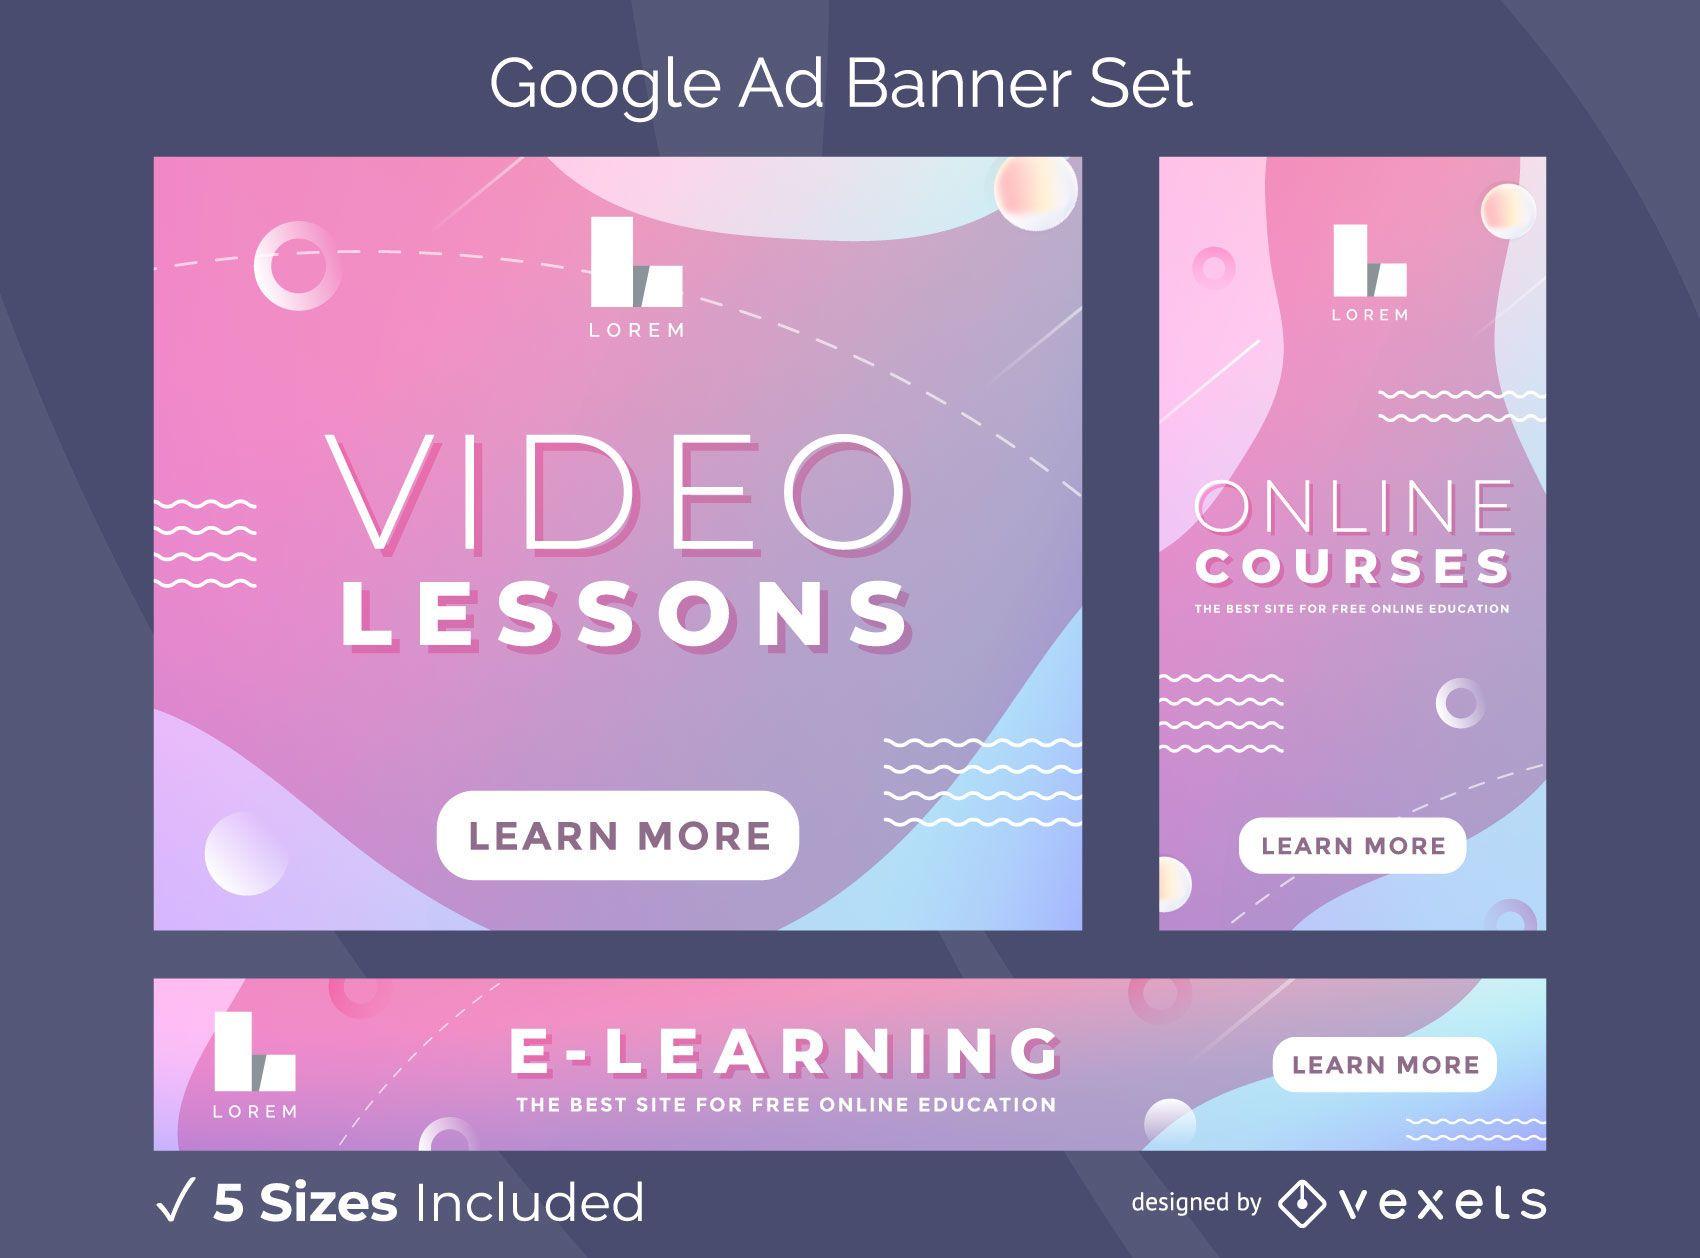 Paquete de banners de anuncios de Google con lecciones en video